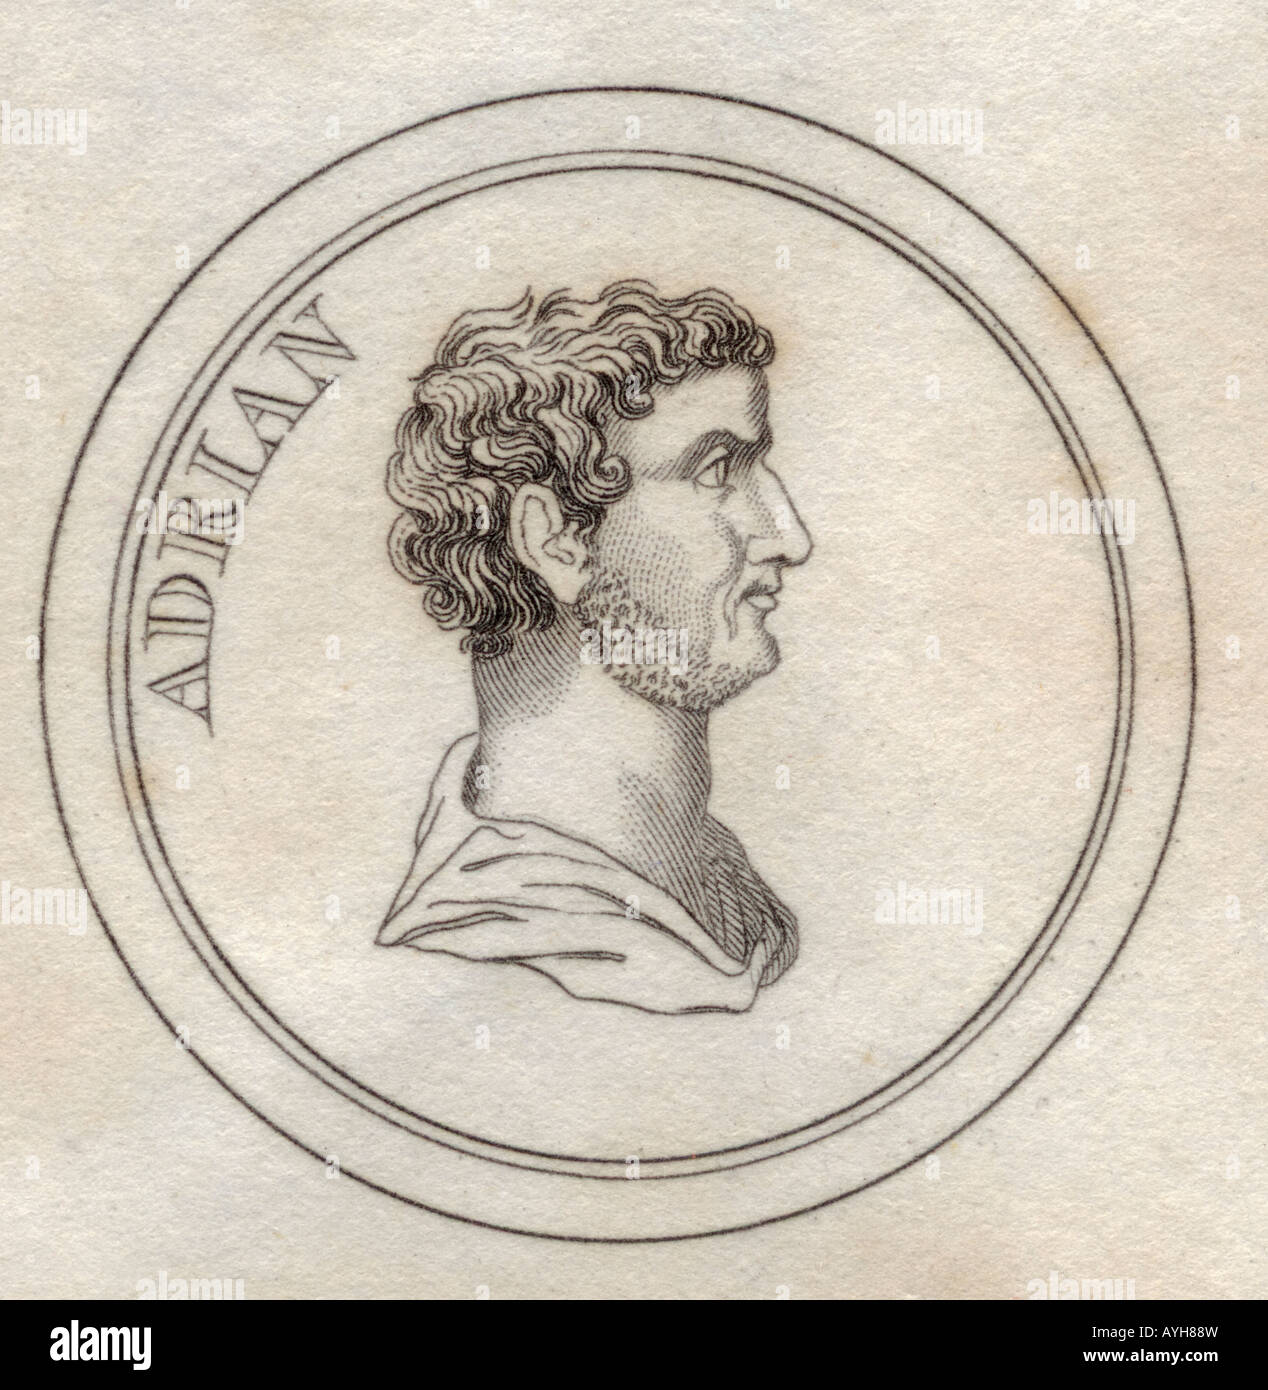 Publius Aelius Traianus Hadrianus BC76 BC138 Roman emperor also known as Hadrian Stoic and Epicurean philosopher - Stock Image